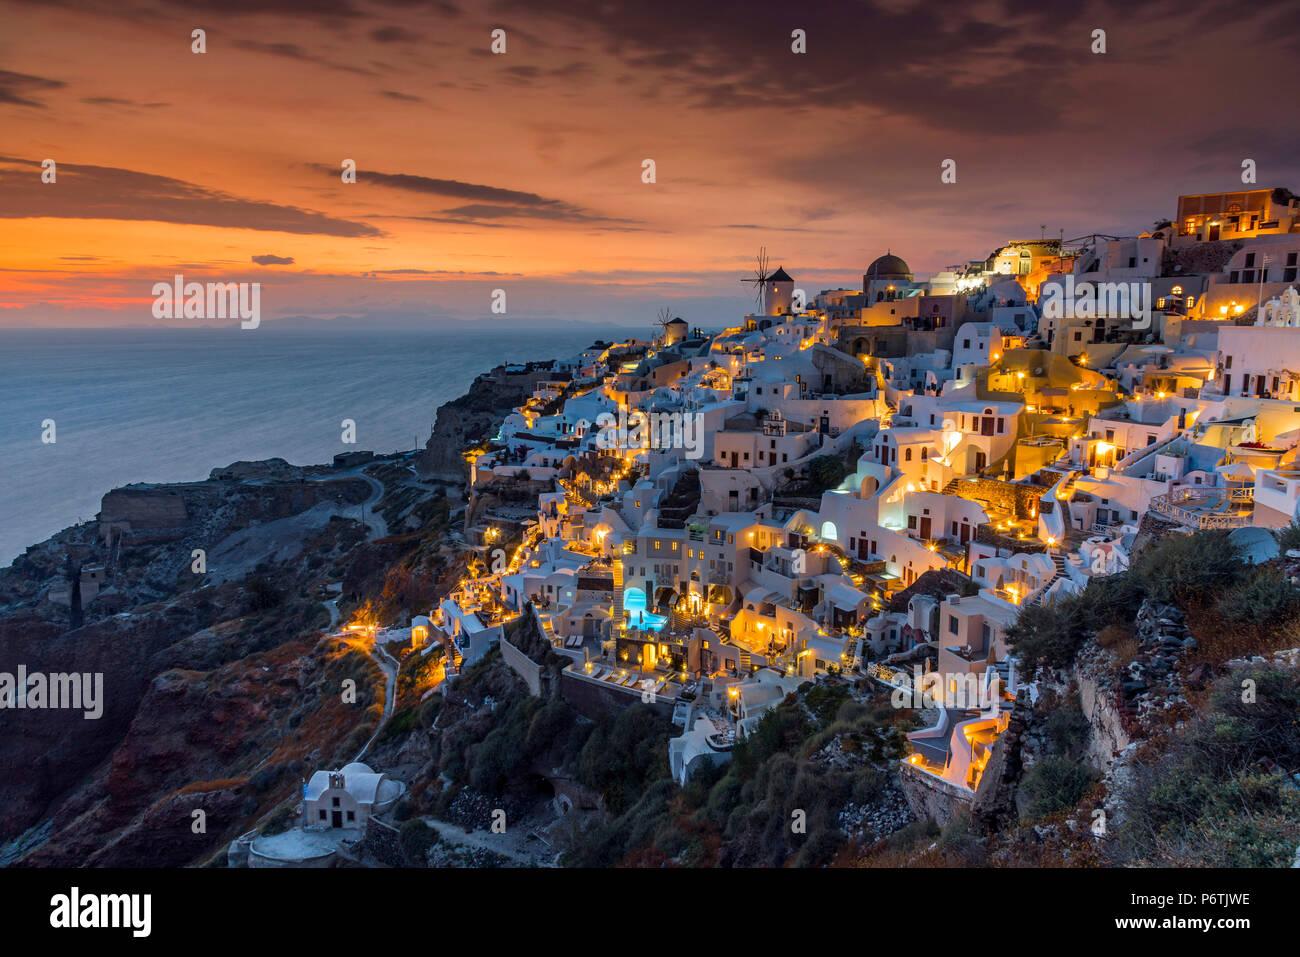 Vista al tramonto, Oia - Santorini, Egeo Meridionale, Grecia Immagini Stock